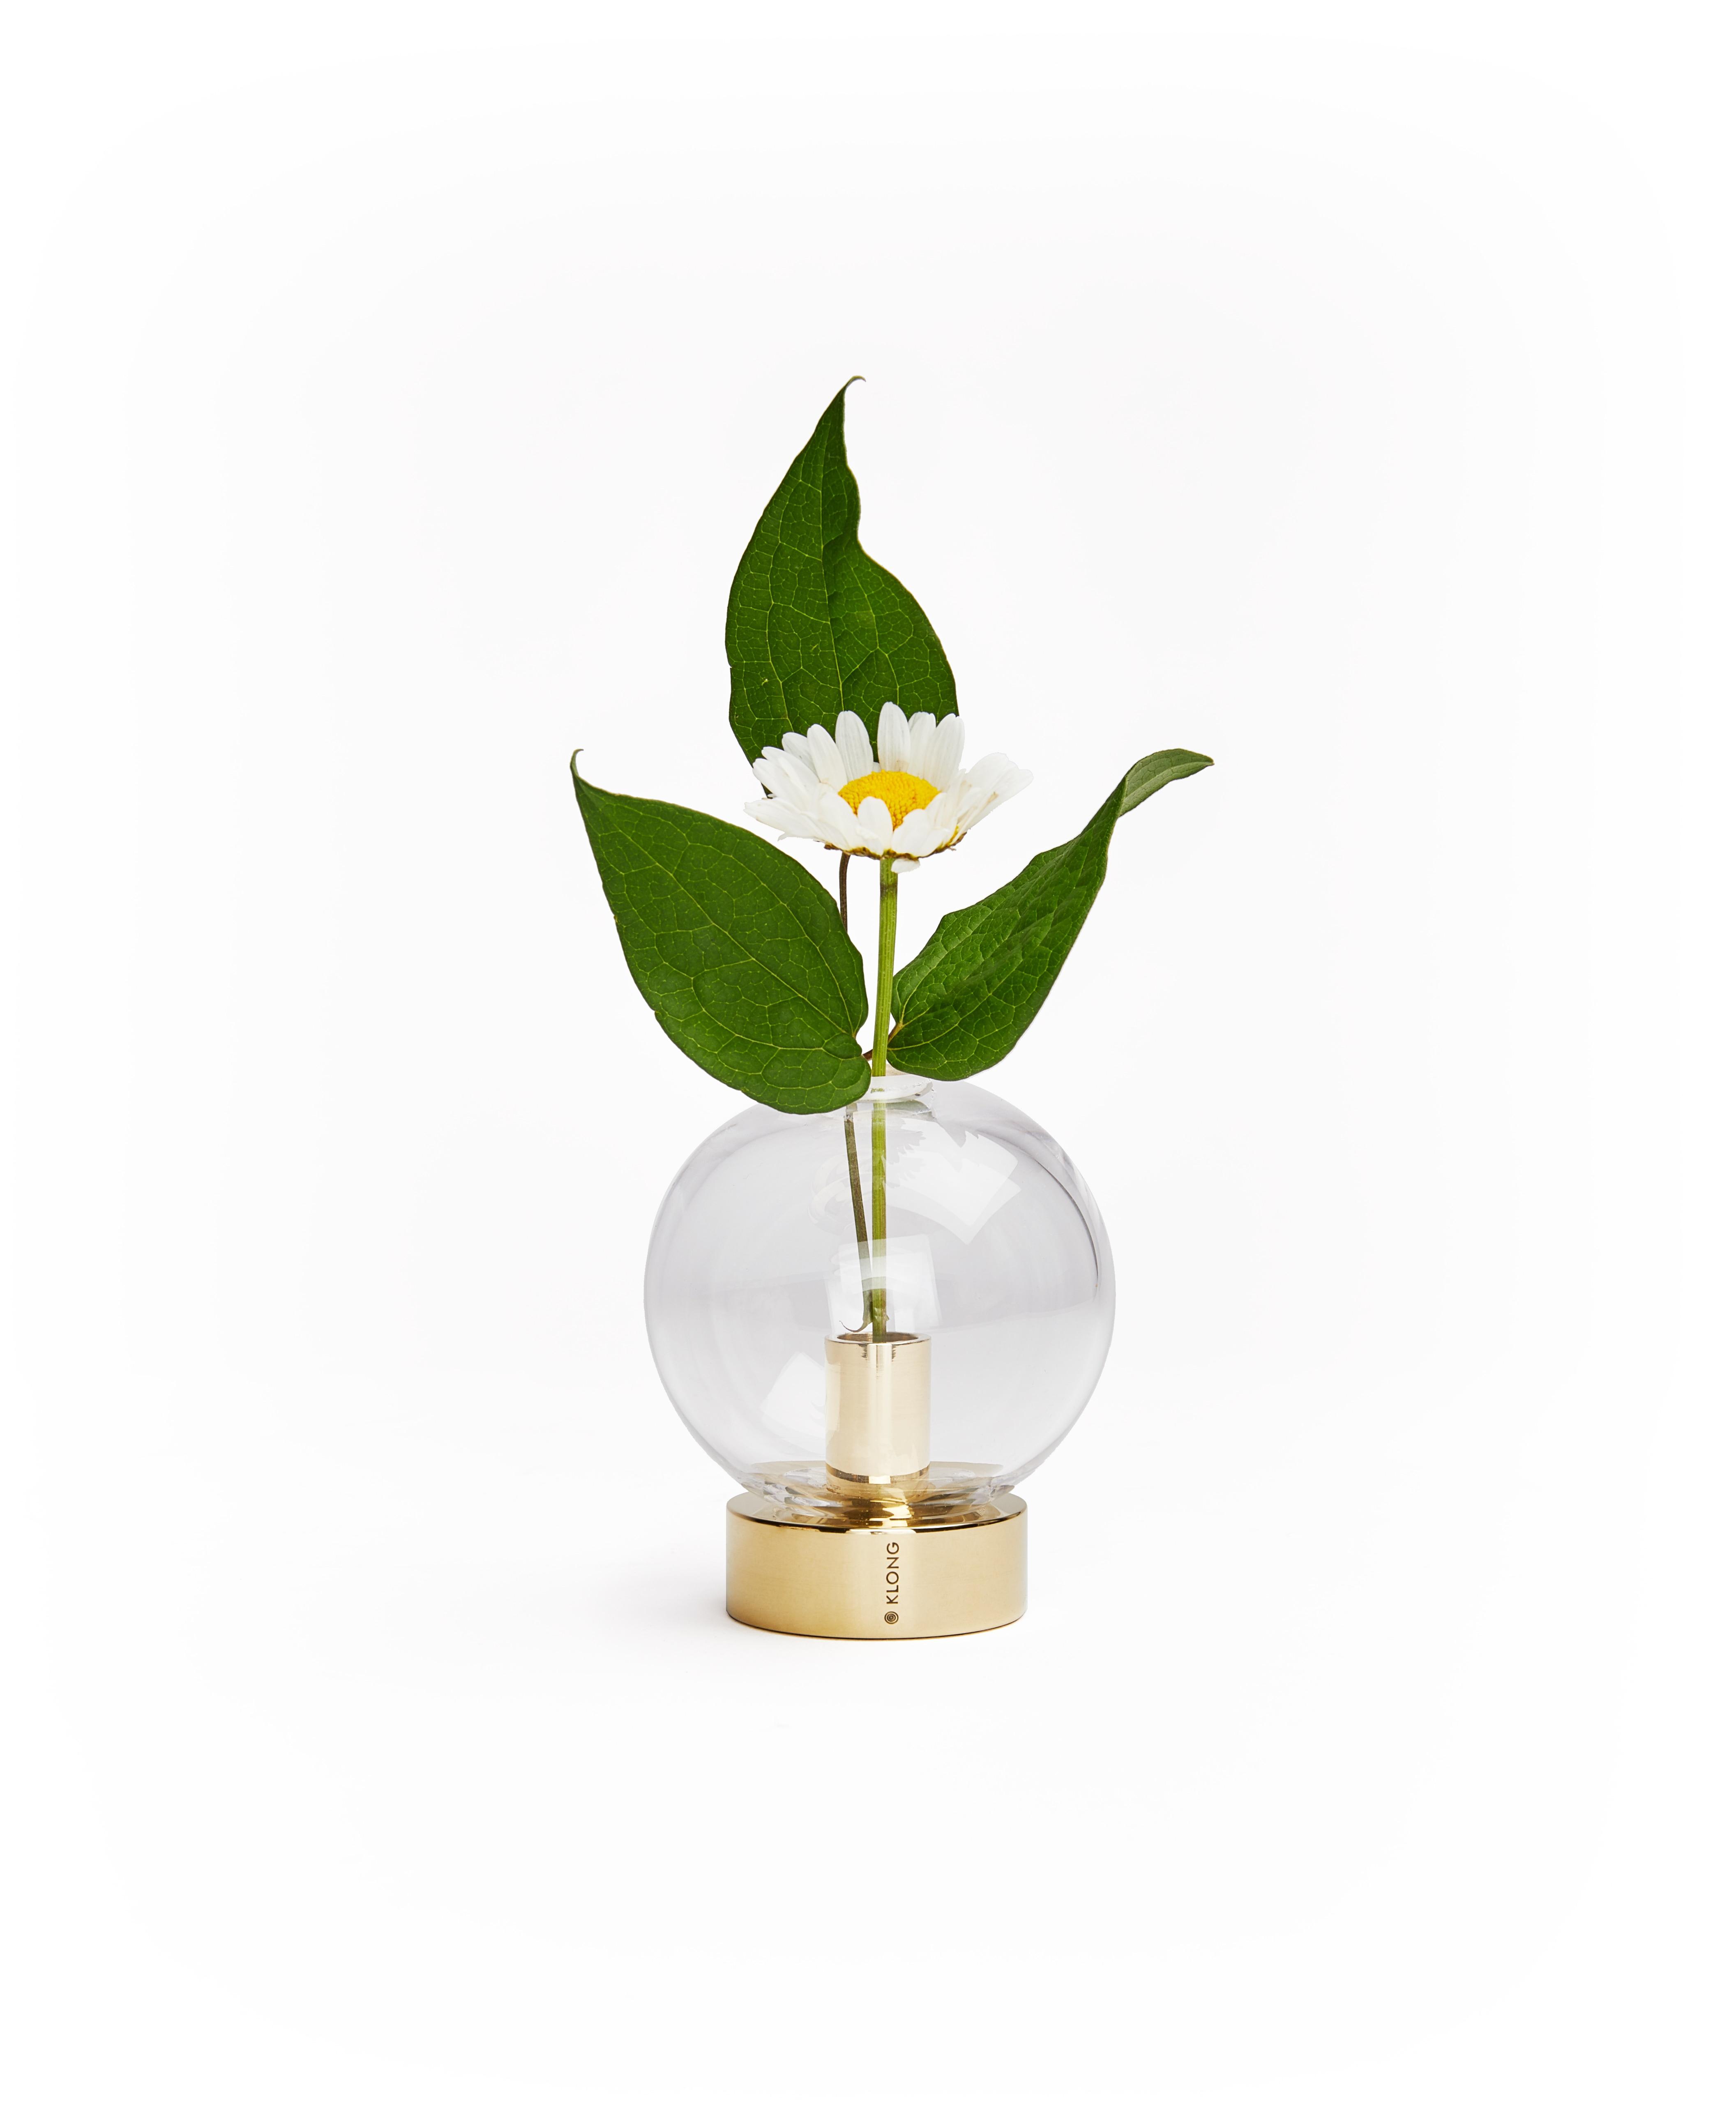 Orbis med blomma